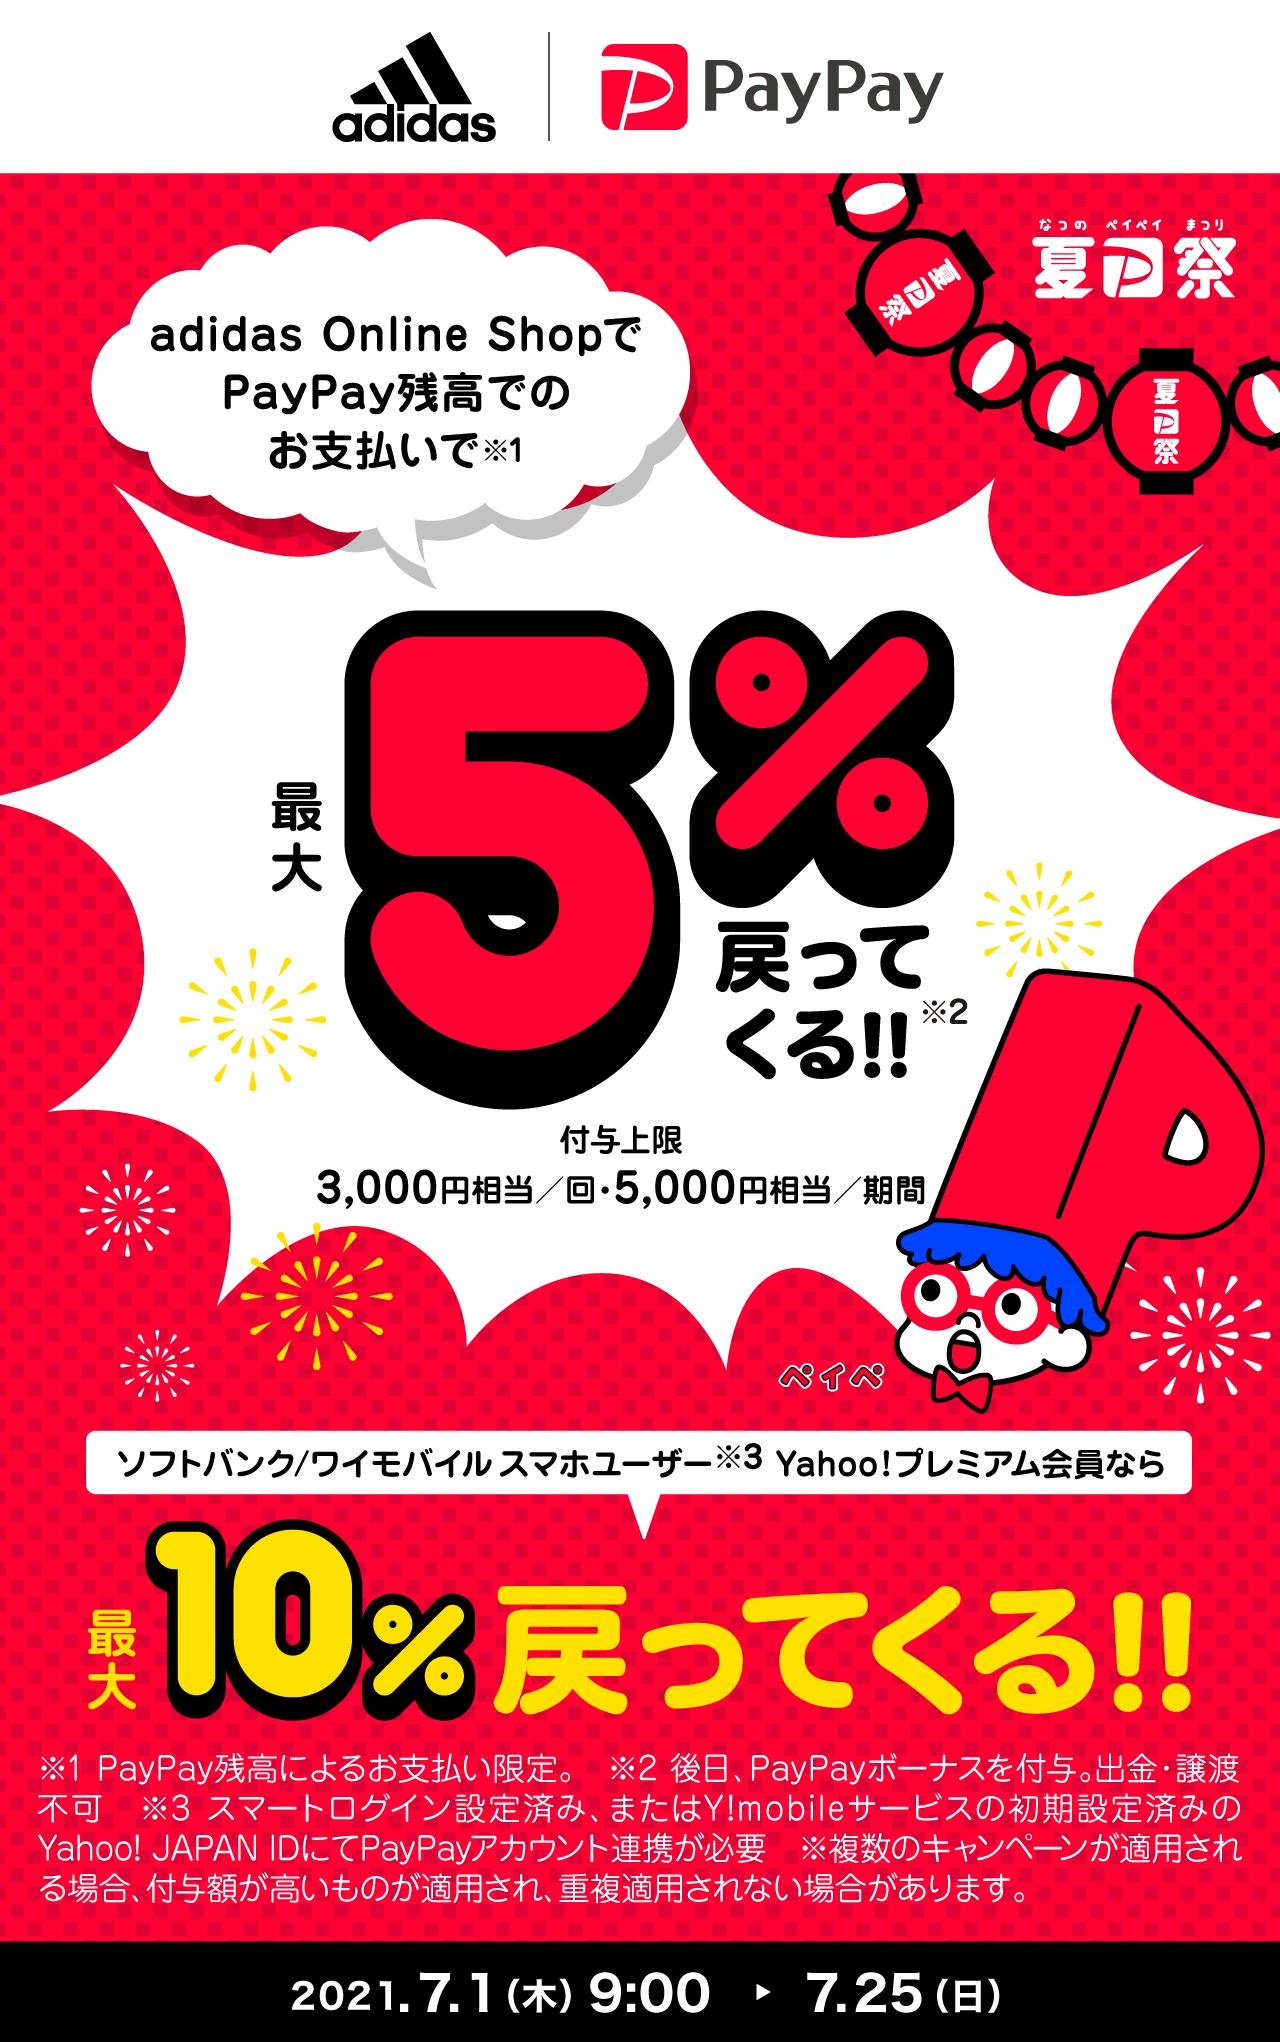 adidas Online ShopでPayPay残高でのお支払いで 最大5%戻ってくる!!